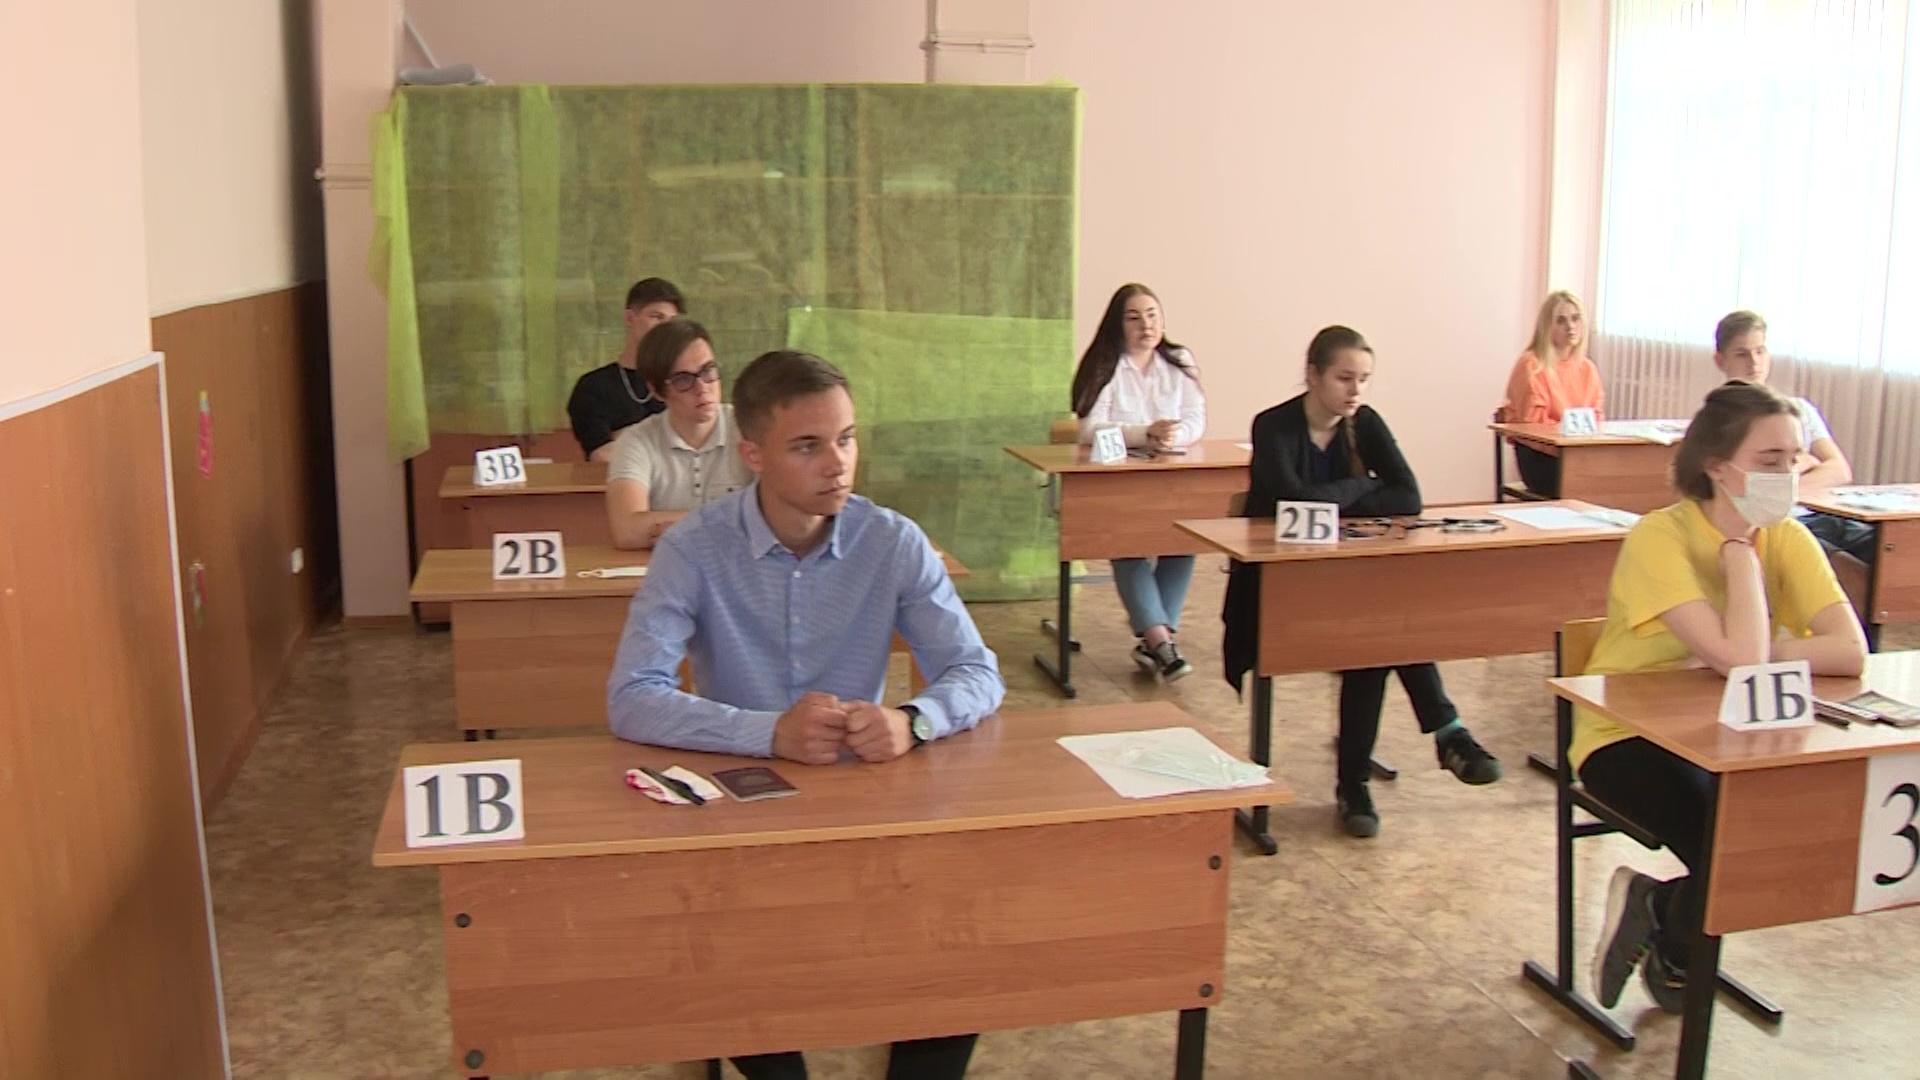 В Ярославской области стартовал ЕГЭ: как организовали процесс в условиях коронавируса